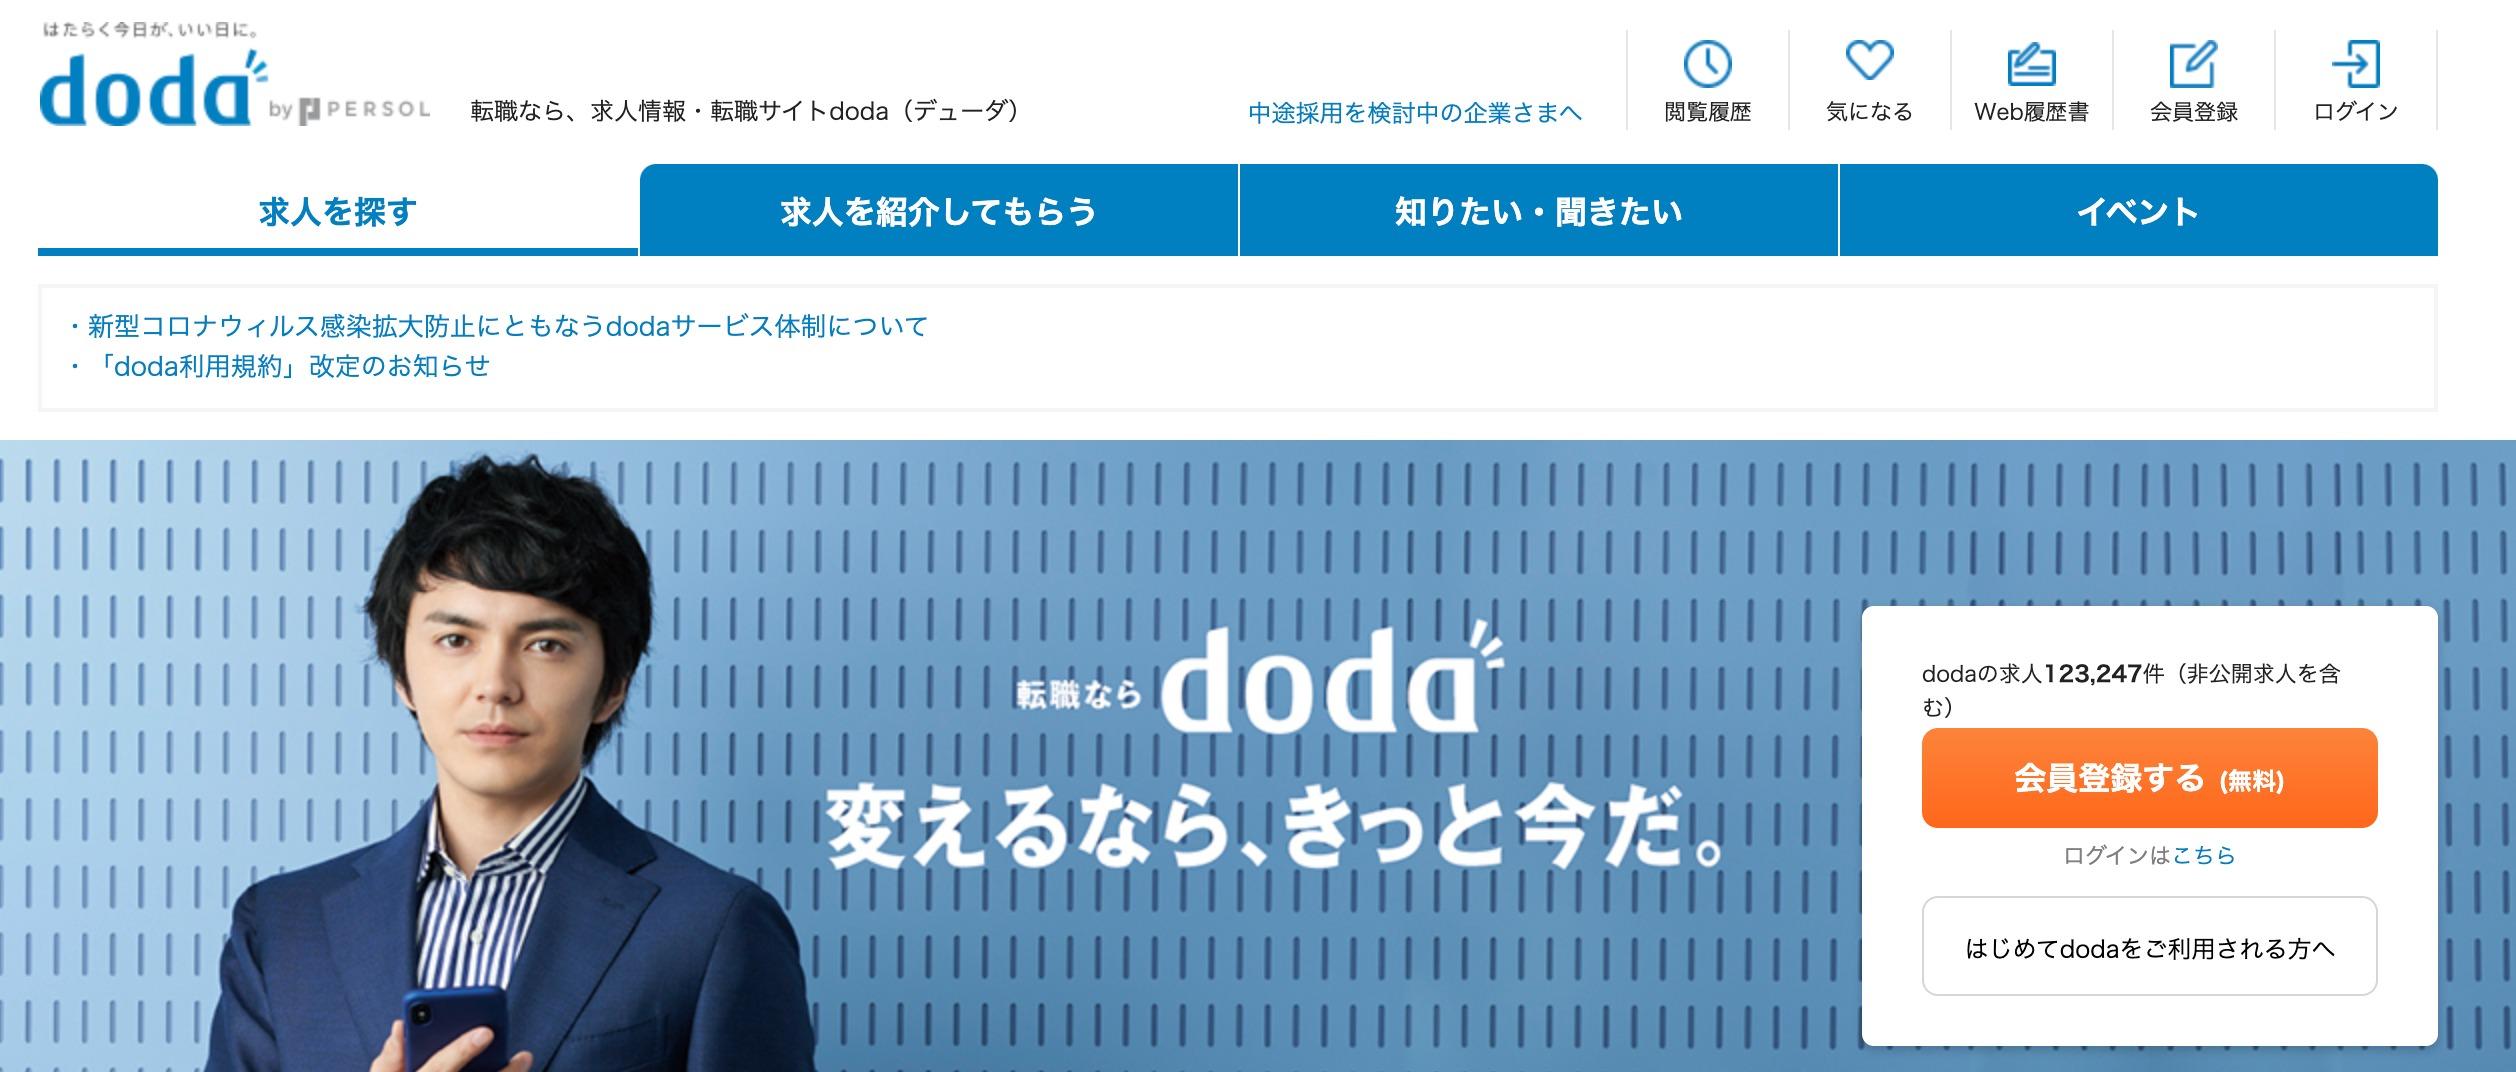 コロナ doda